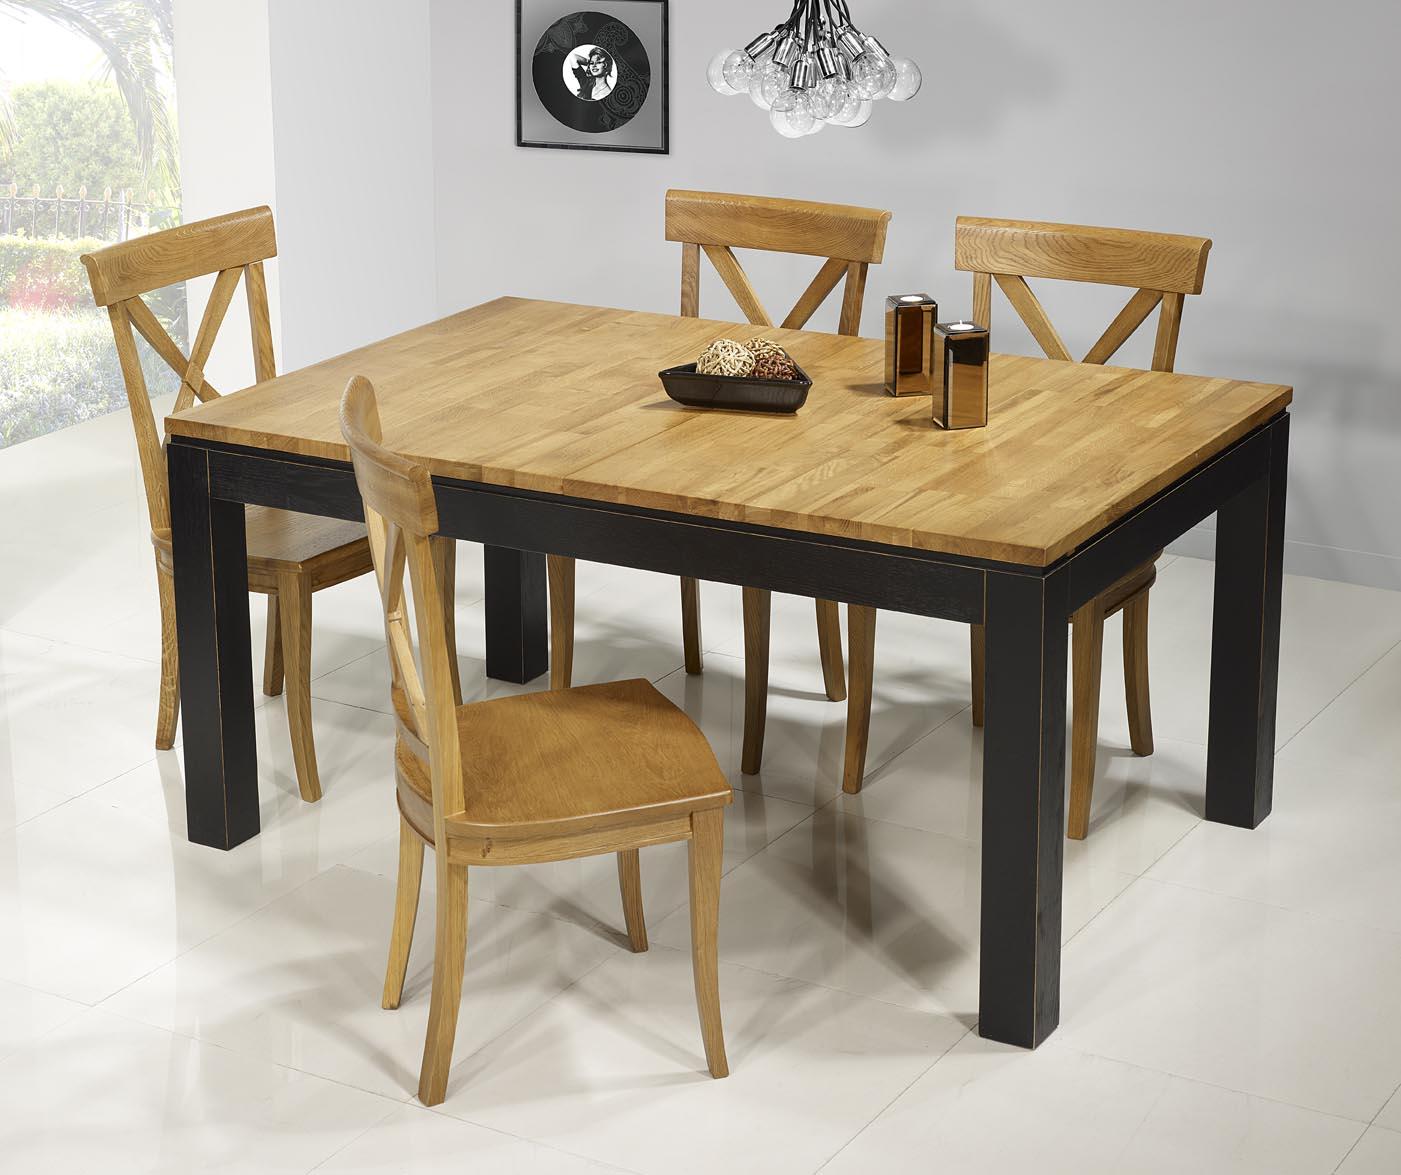 table bois ecologique. Black Bedroom Furniture Sets. Home Design Ideas